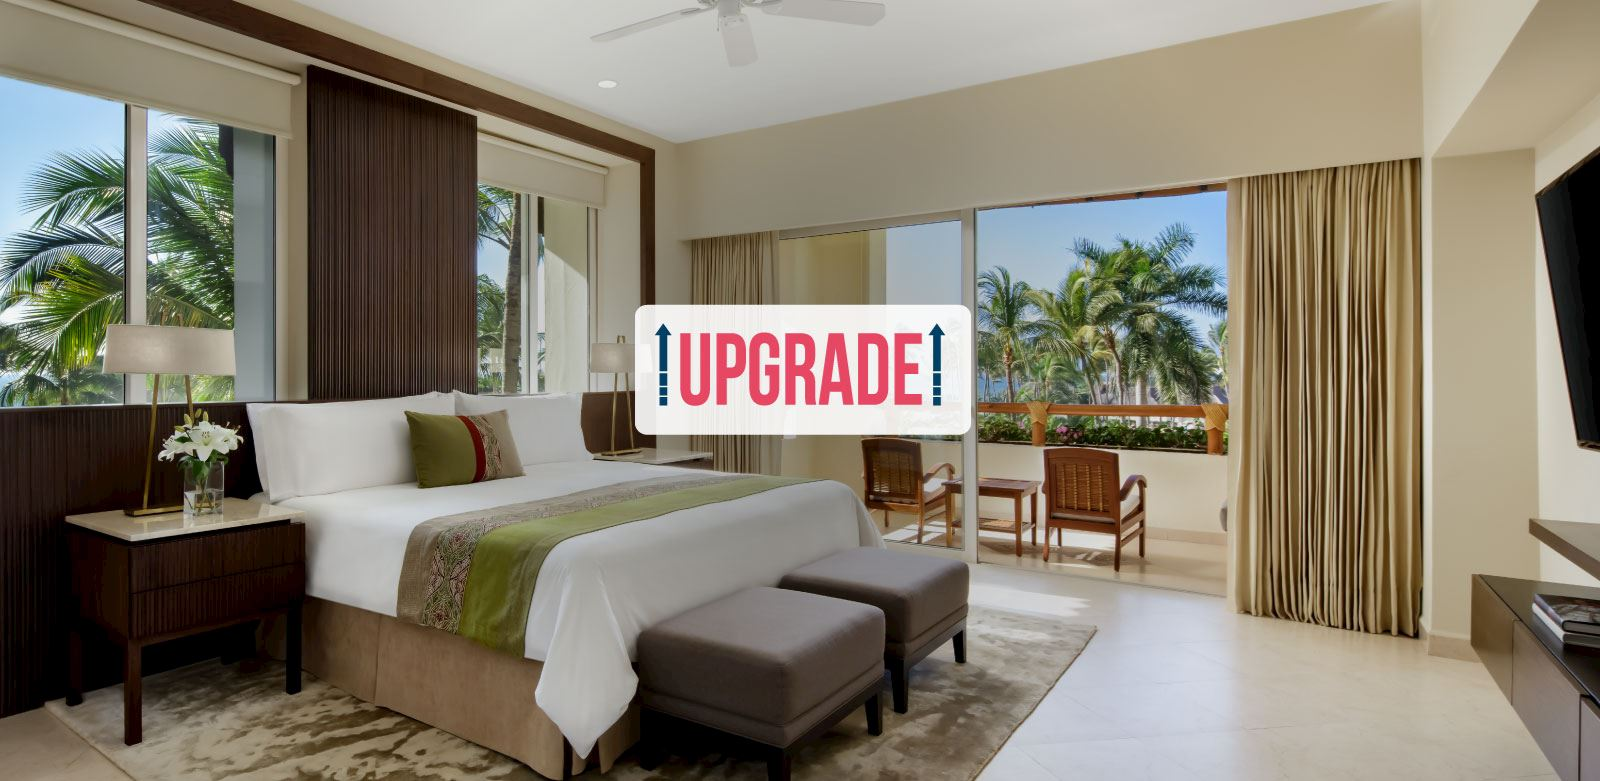 suite upgrade